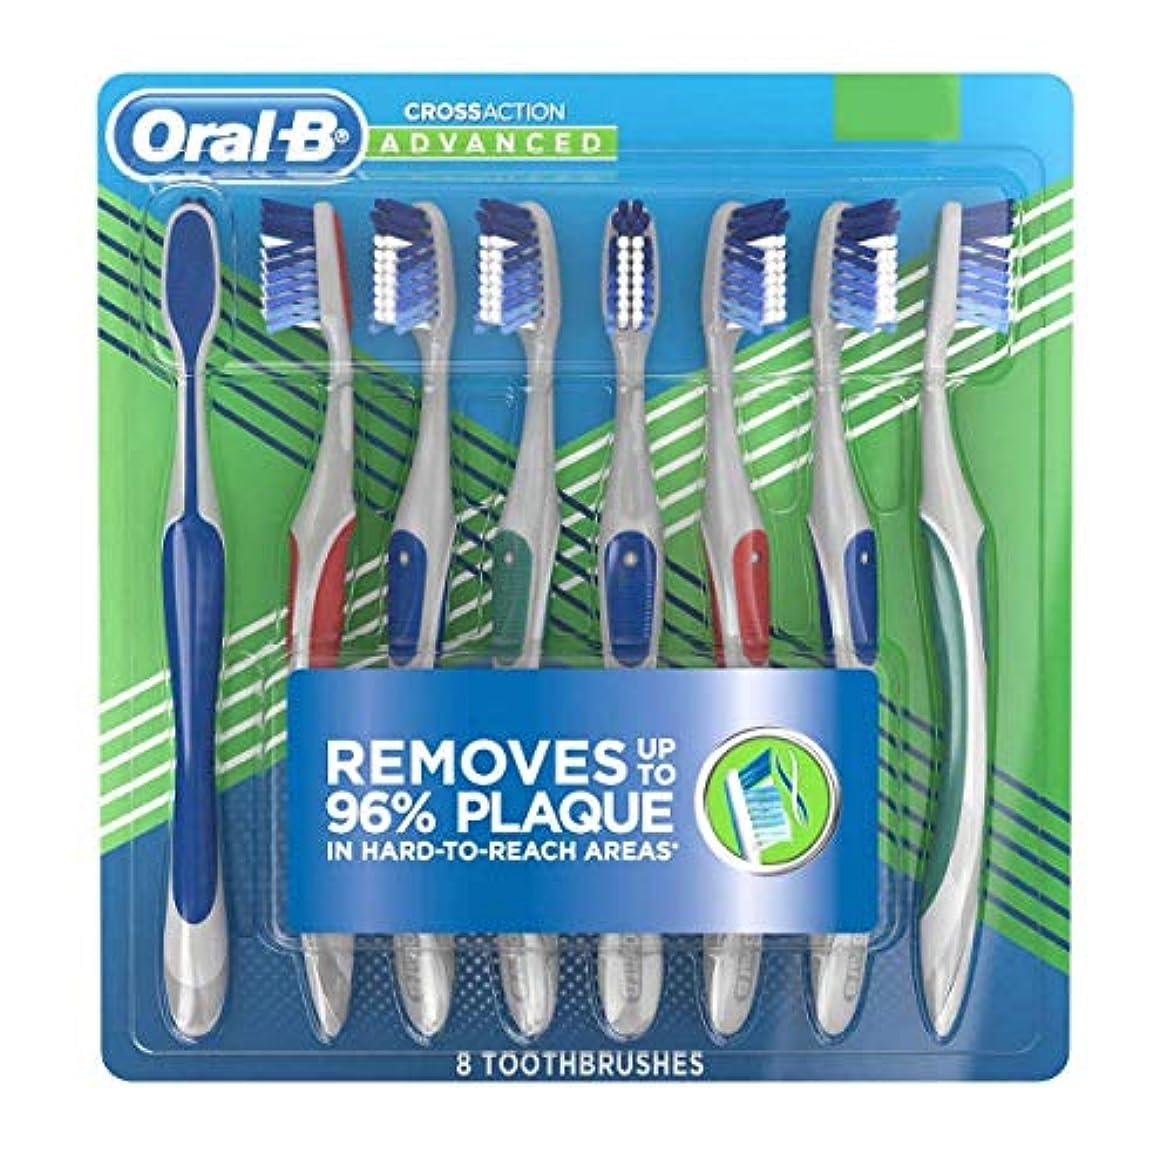 電気的カスケード説教Oral-B Pro-Health Cross Action Advanced Toothbrush 8-pack SOFT オーラルB プロヘルス クロスアクション アドバンスド 歯ブラシ8本セット(ソフトタイプ)